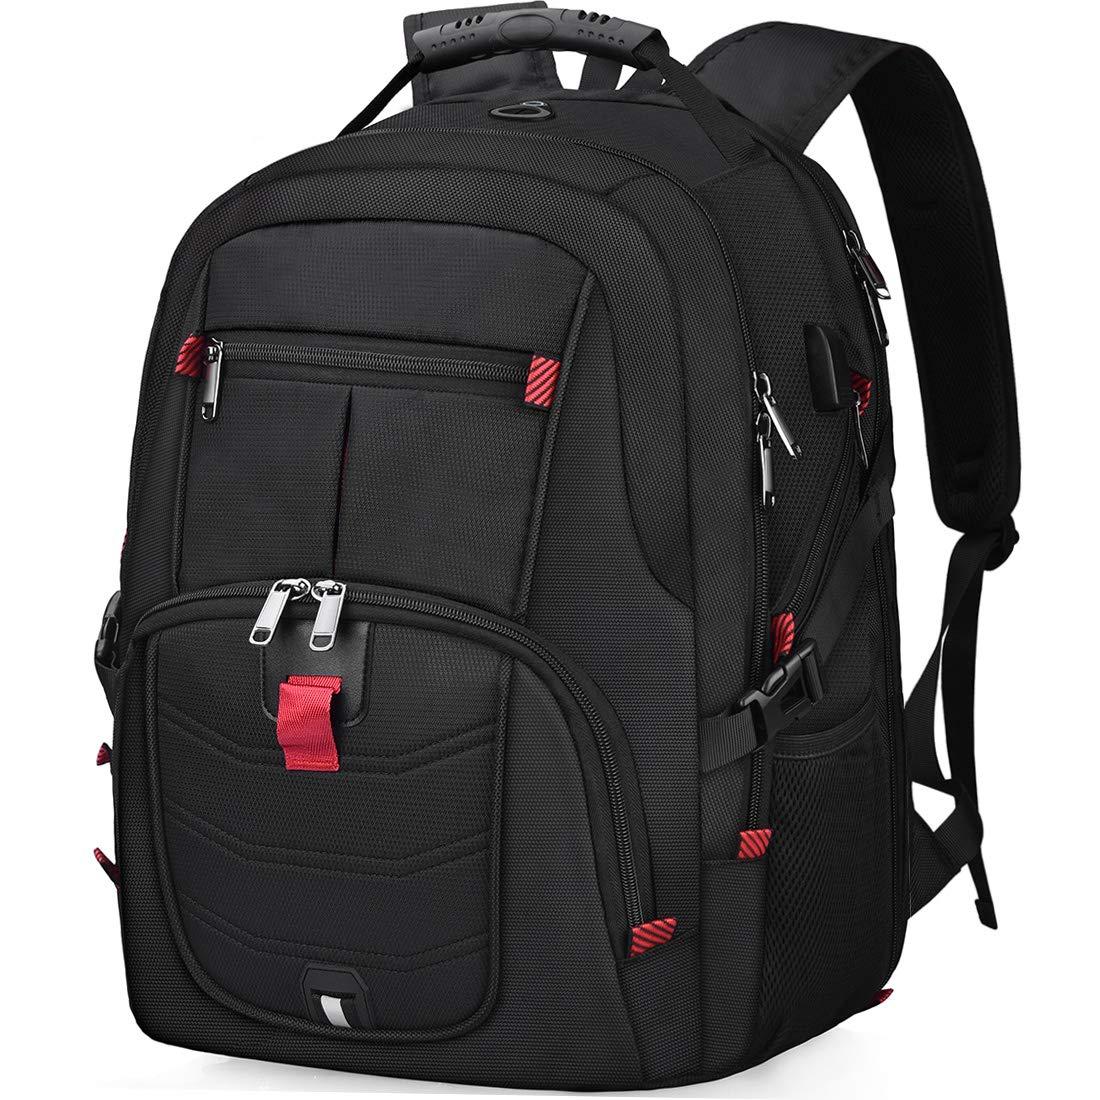 f48a6ec93d ... Laptop Notebook Portatile Zaino Grande Scuola università Borsa Casual  Viaggio Bussiness Nero · Prodotto precedente · Prossimo prodotto. 🔍.  Amazon Prime